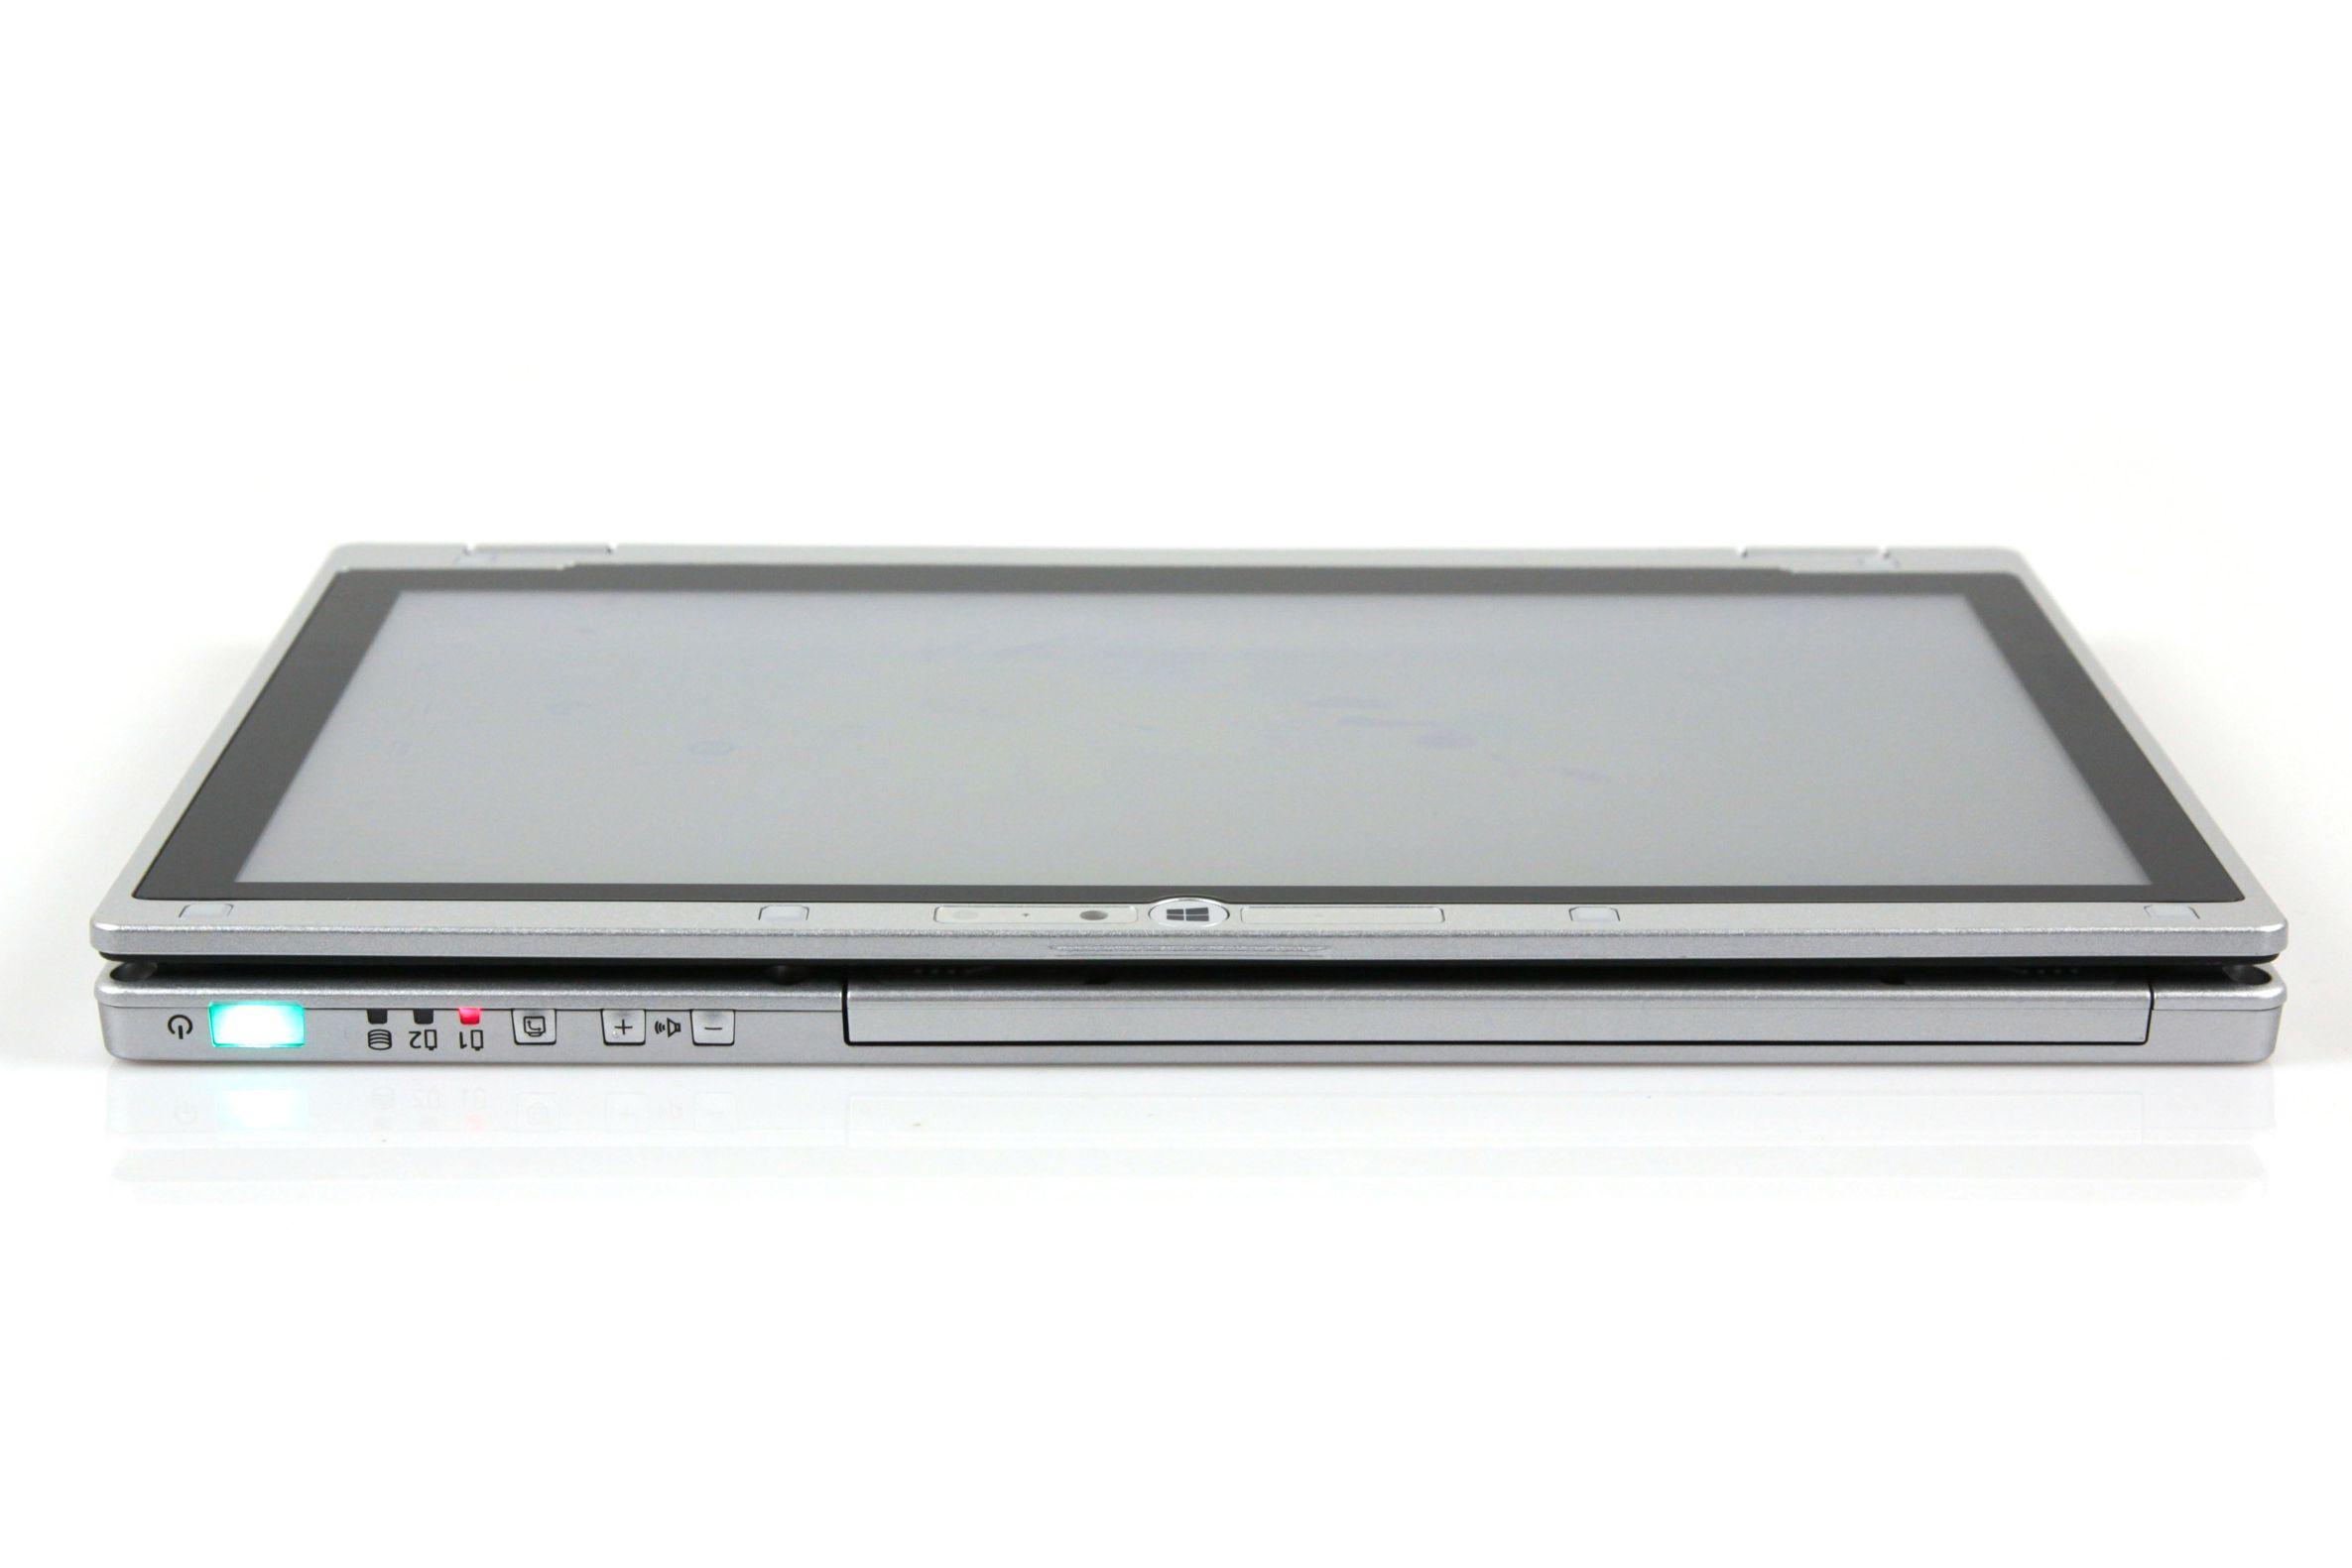 CF-AX2 im Test: Dünnes Toughbook mit Notfallakku und nerviger Tastatur -